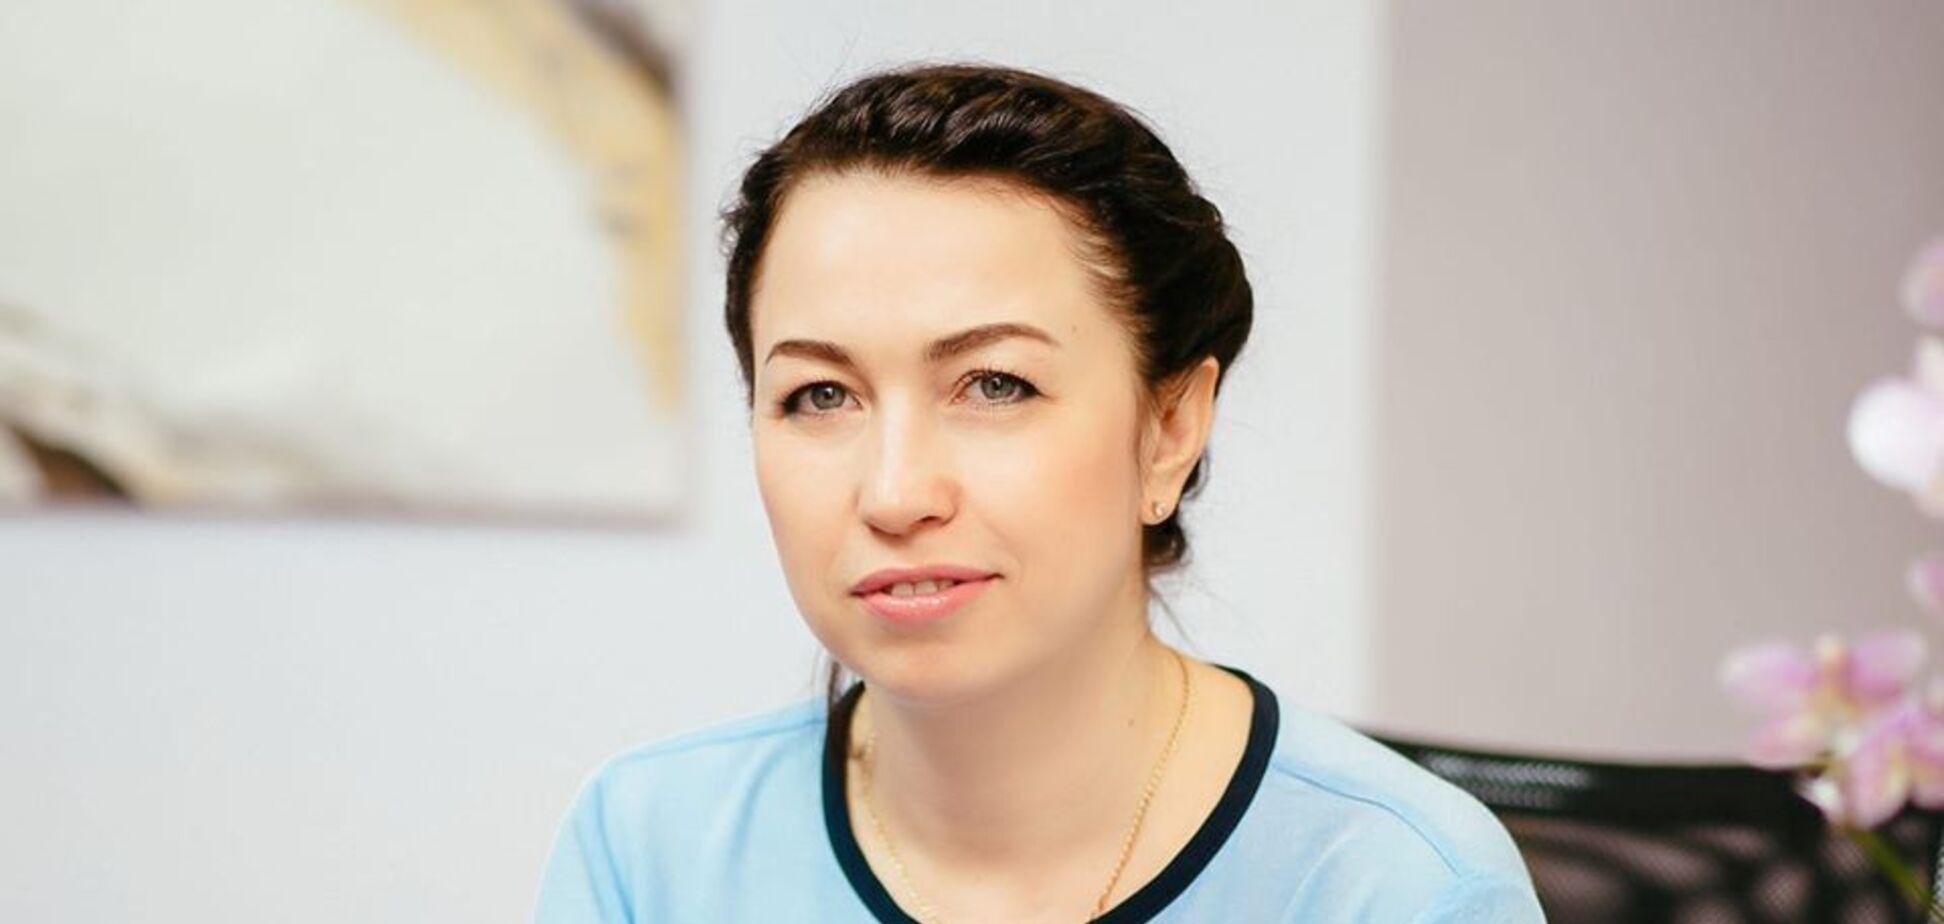 Скандал вокруг новой главы Госкино: появилась расшифровка собеседования Кудерчук, завалившей конкурс